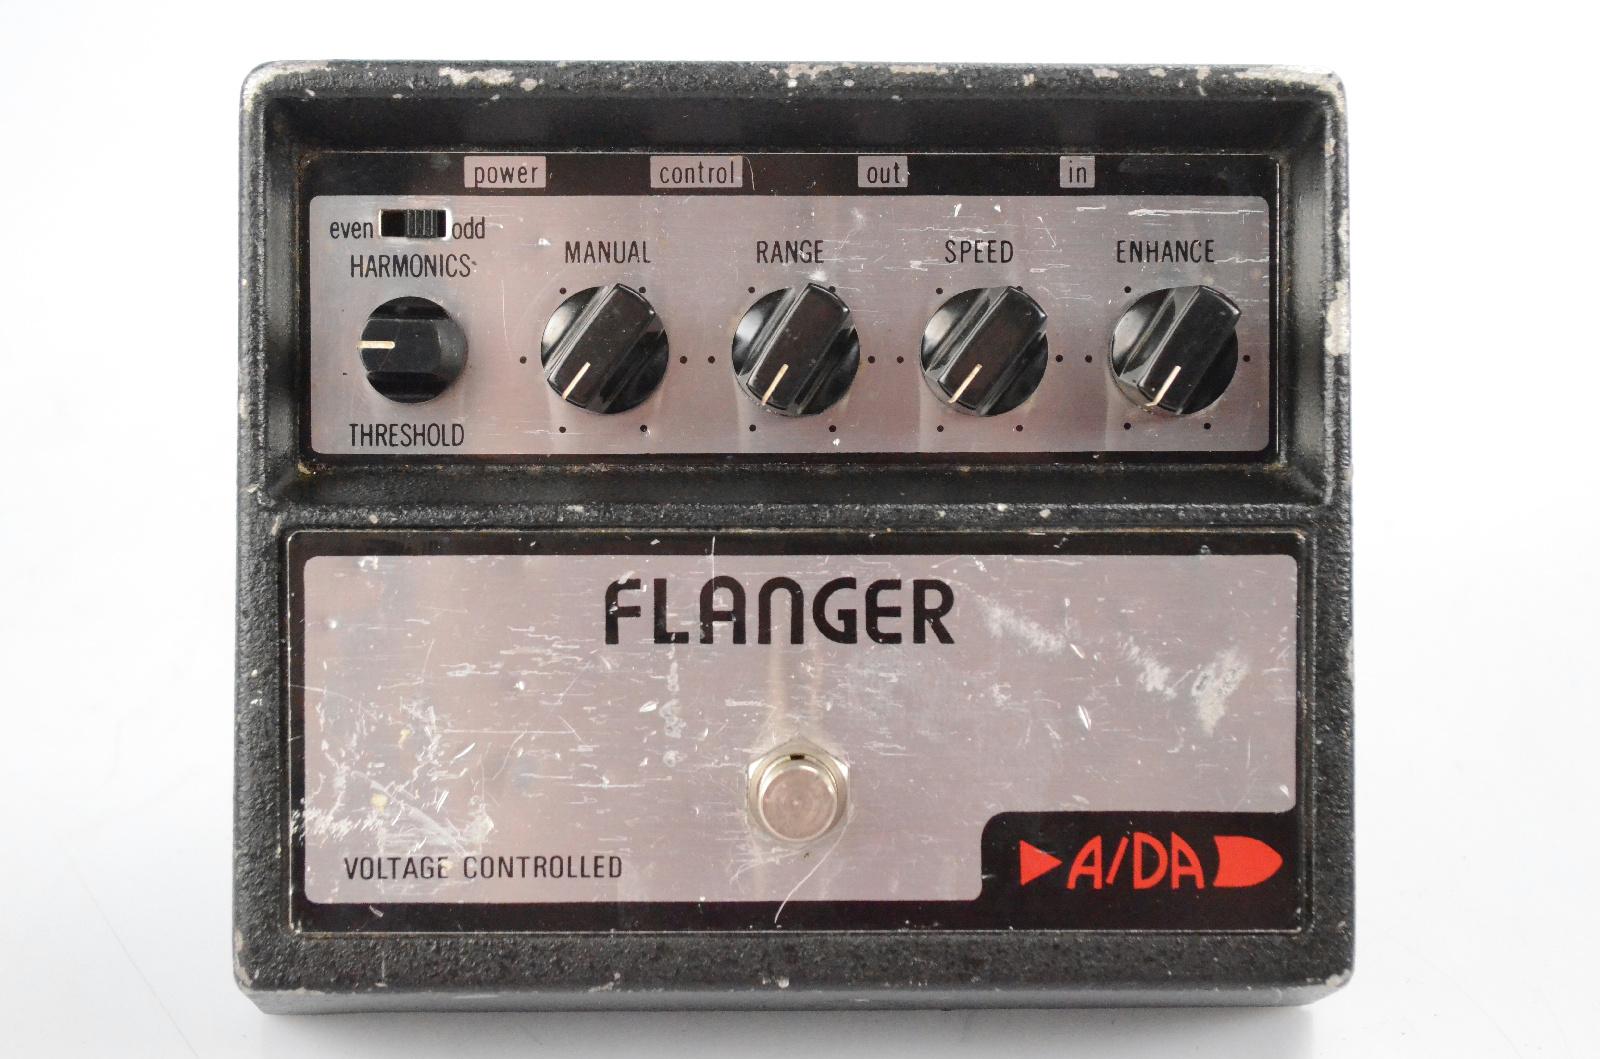 Vintage Original A/DA Voltage Controlled Flanger Effect Pedal #32418